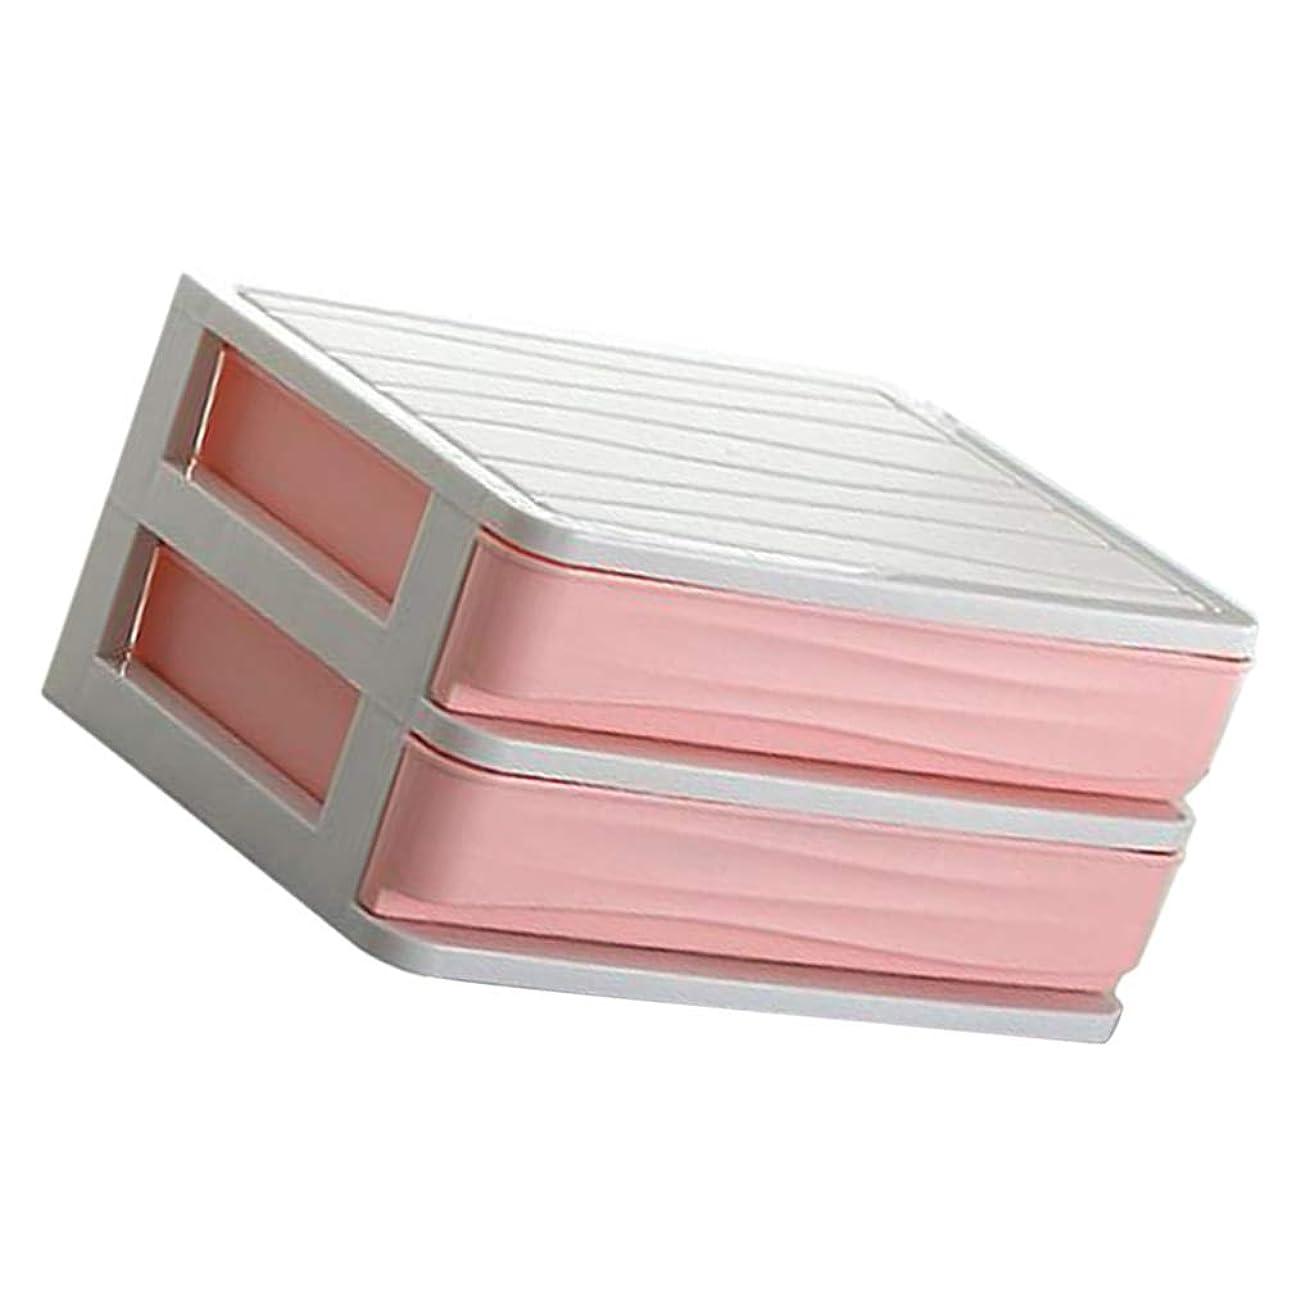 瞬時に眩惑する信じられない化粧品ボックス 収納ボックス 引き出し ジュエリー 事務用品 化粧 美容 - 2段ピンク